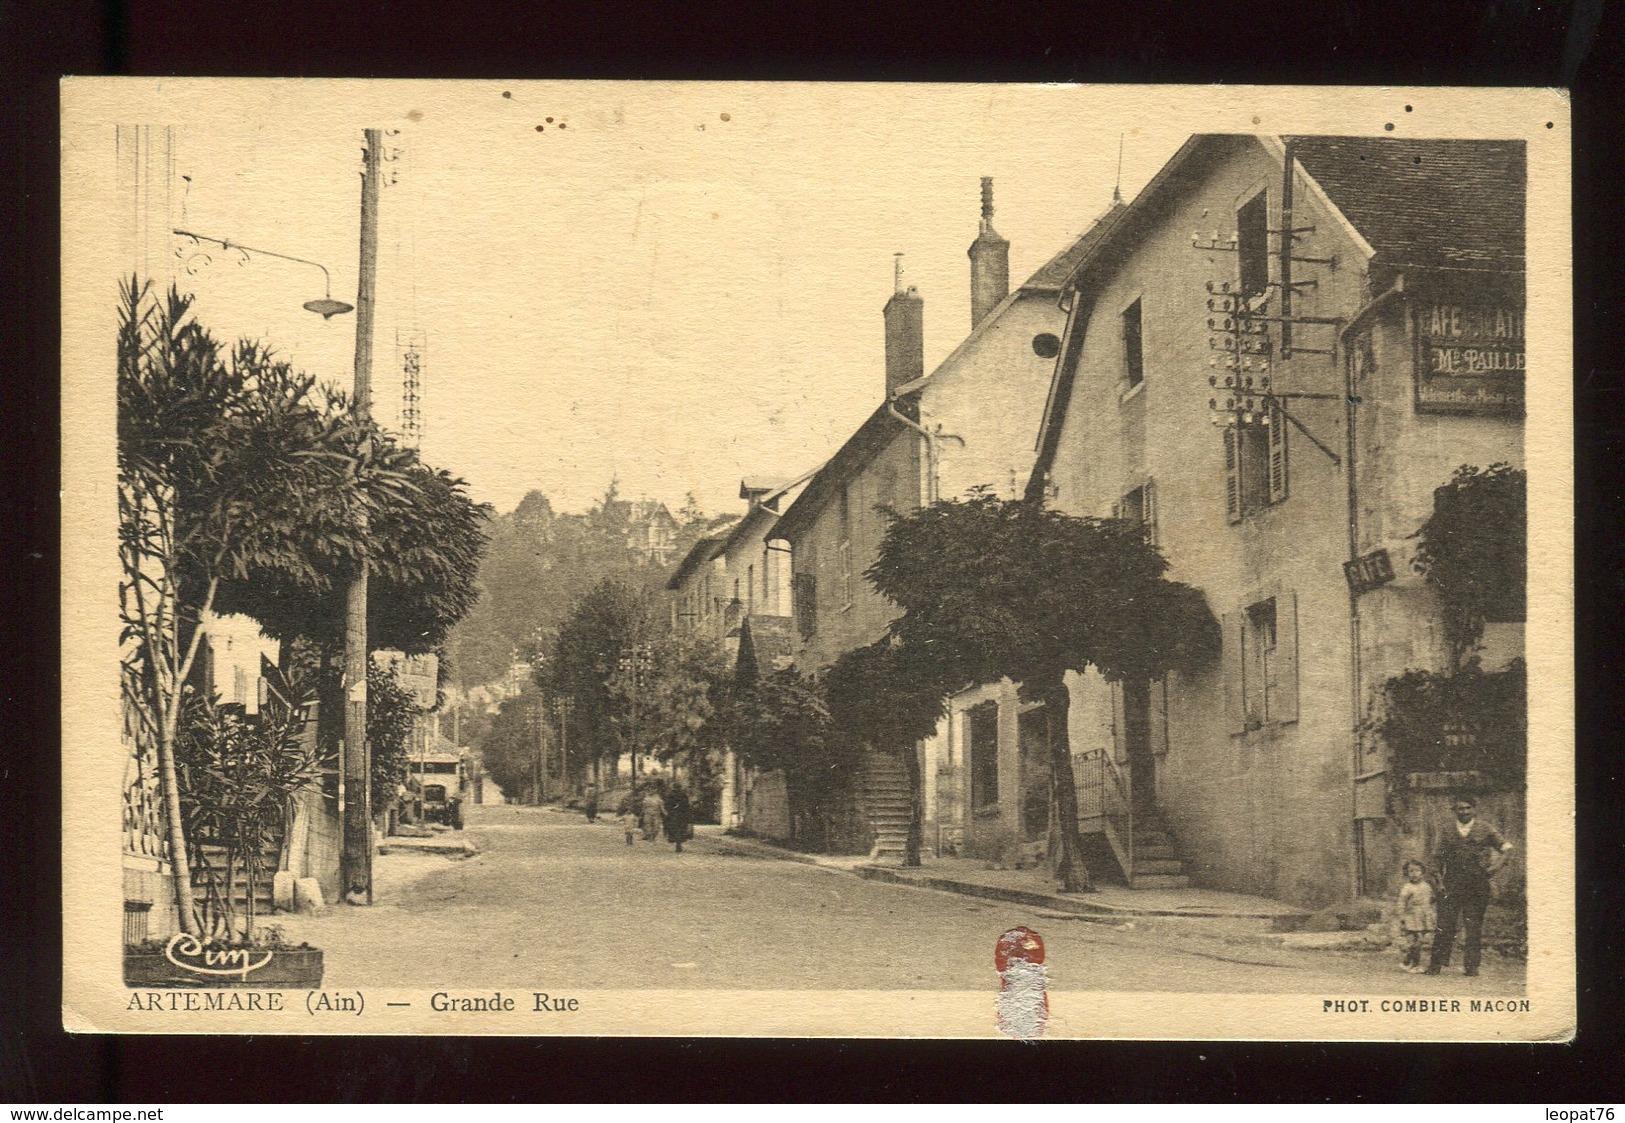 Carte Postale De Artemare En FM En 1940 - N288 - Guerre De 1939-45